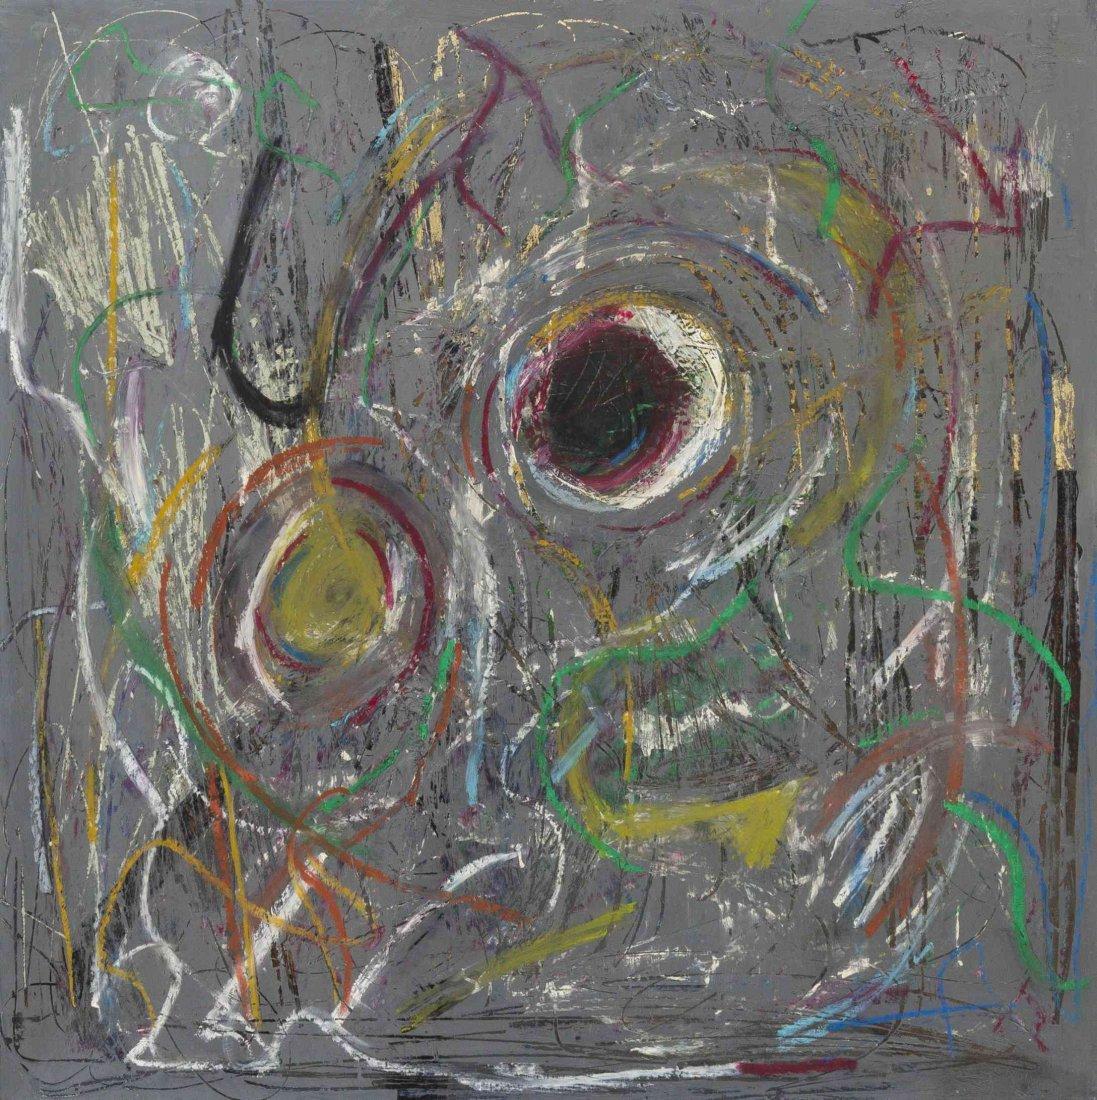 Michael Goldberg, (American, 1924-2007), Earth Rhythms